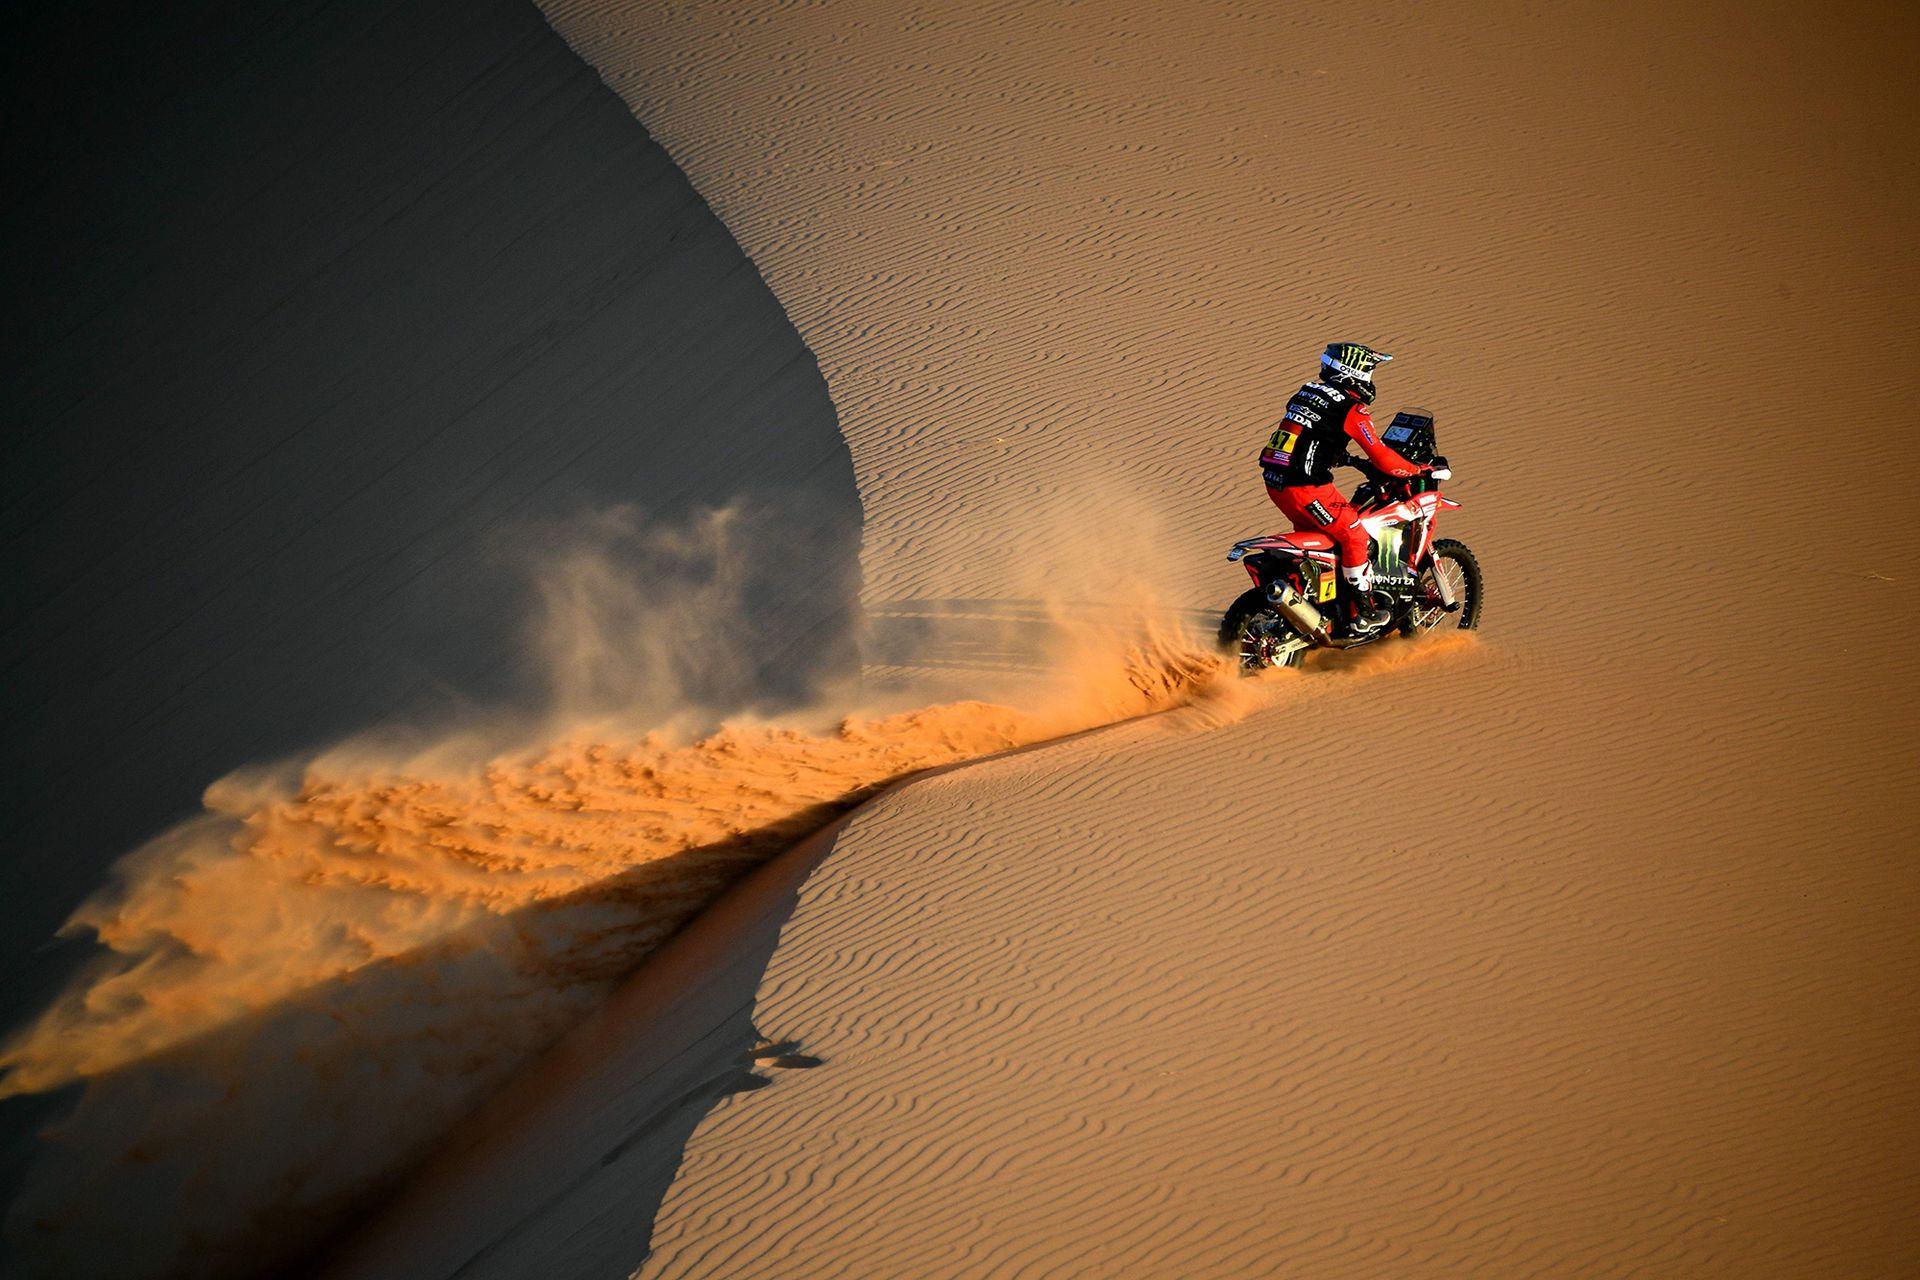 El motociclista argentino Kevin Benavides participa durante la etapa 2 del Rally Dakar 2021 entre Bisha y Wadi Ad-Dawasir en Arabia Saudita